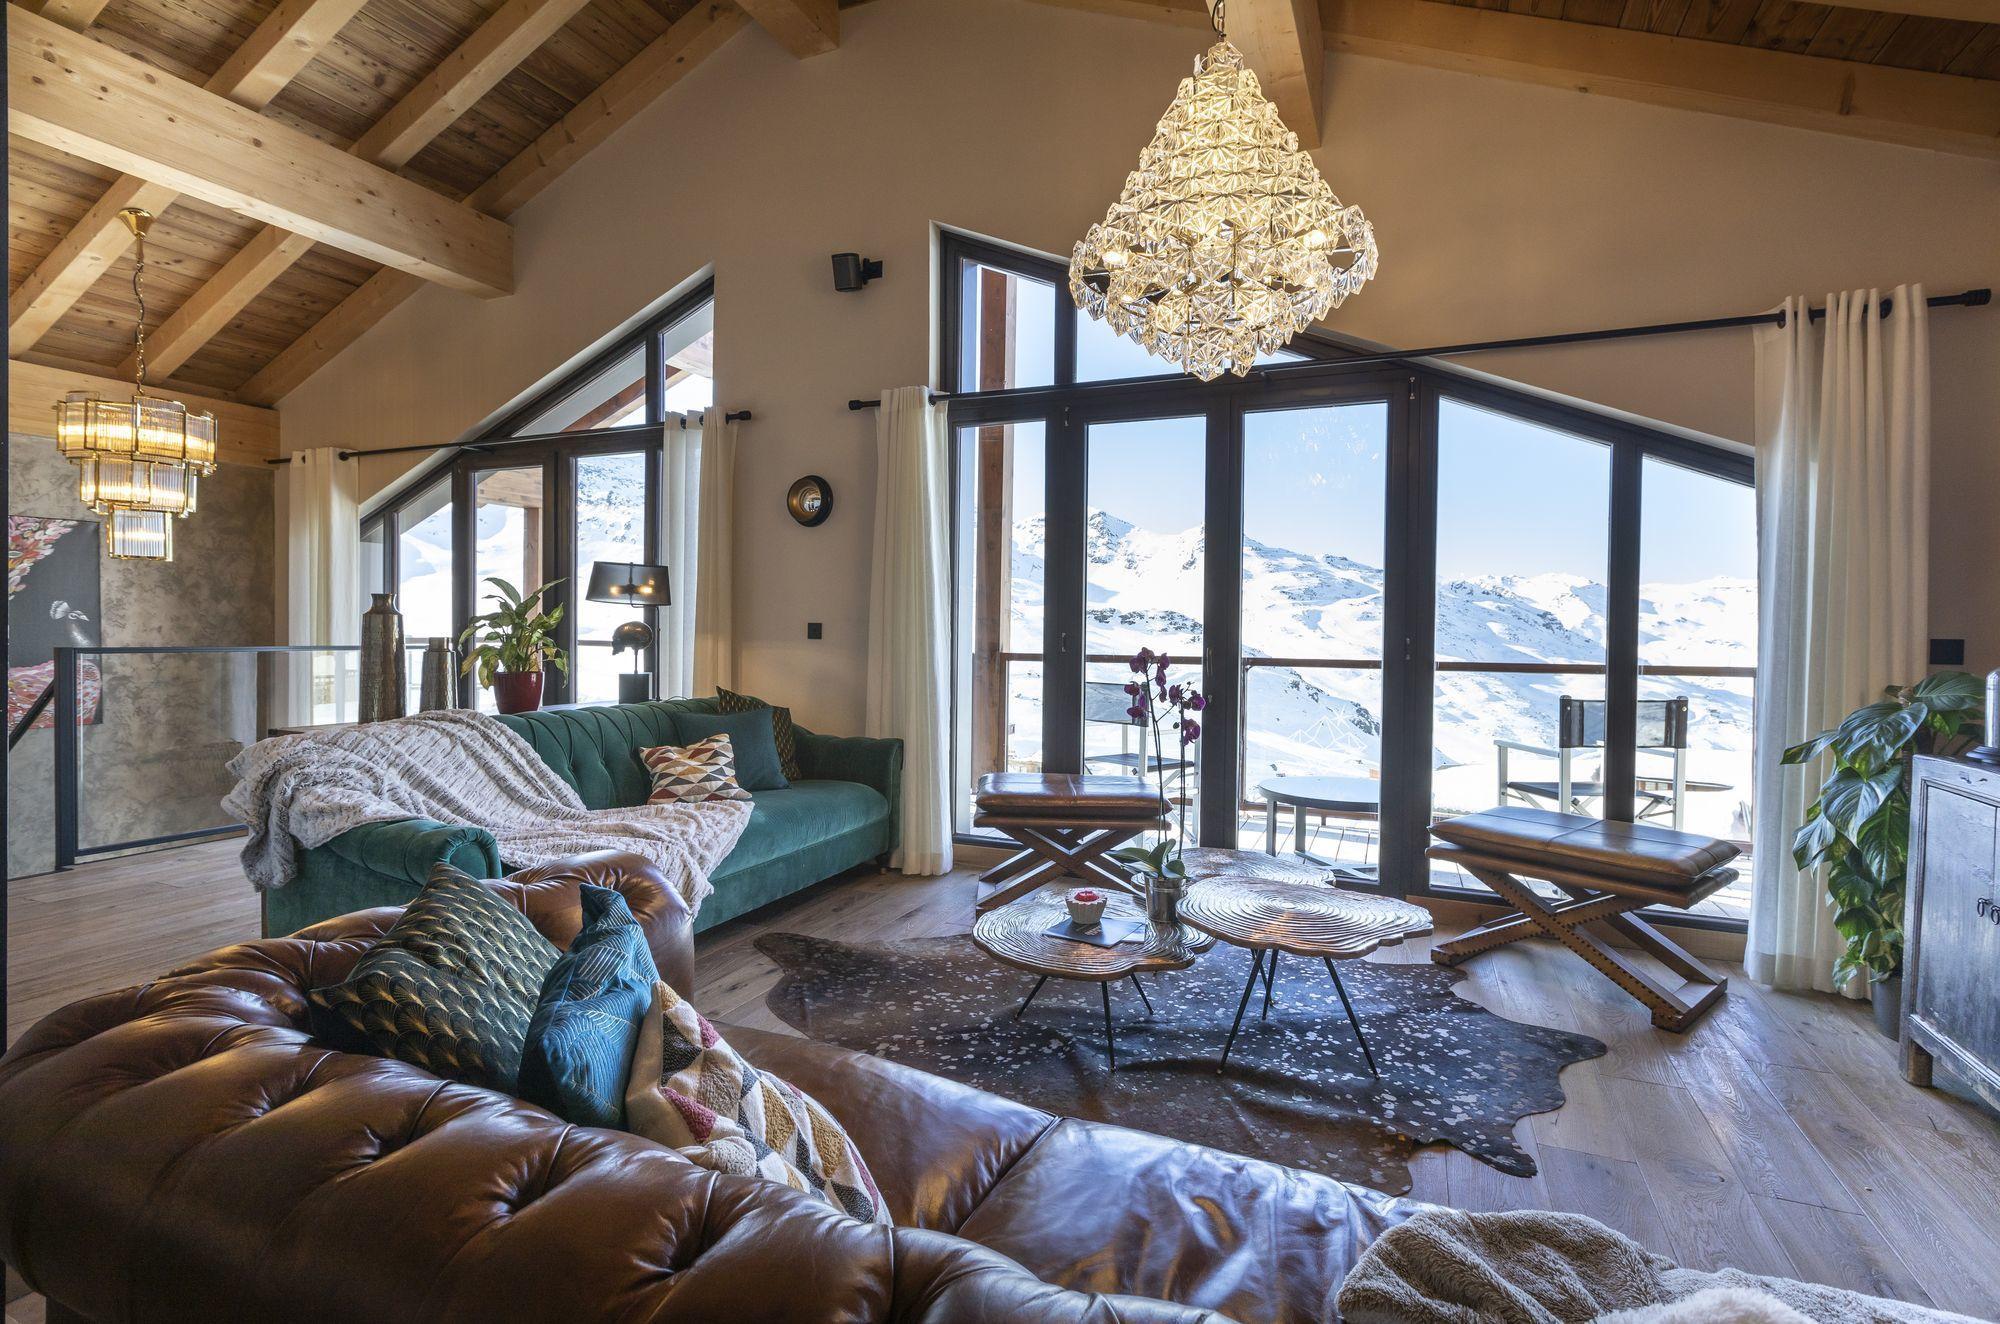 Orlov Accommodation in Val Thorens